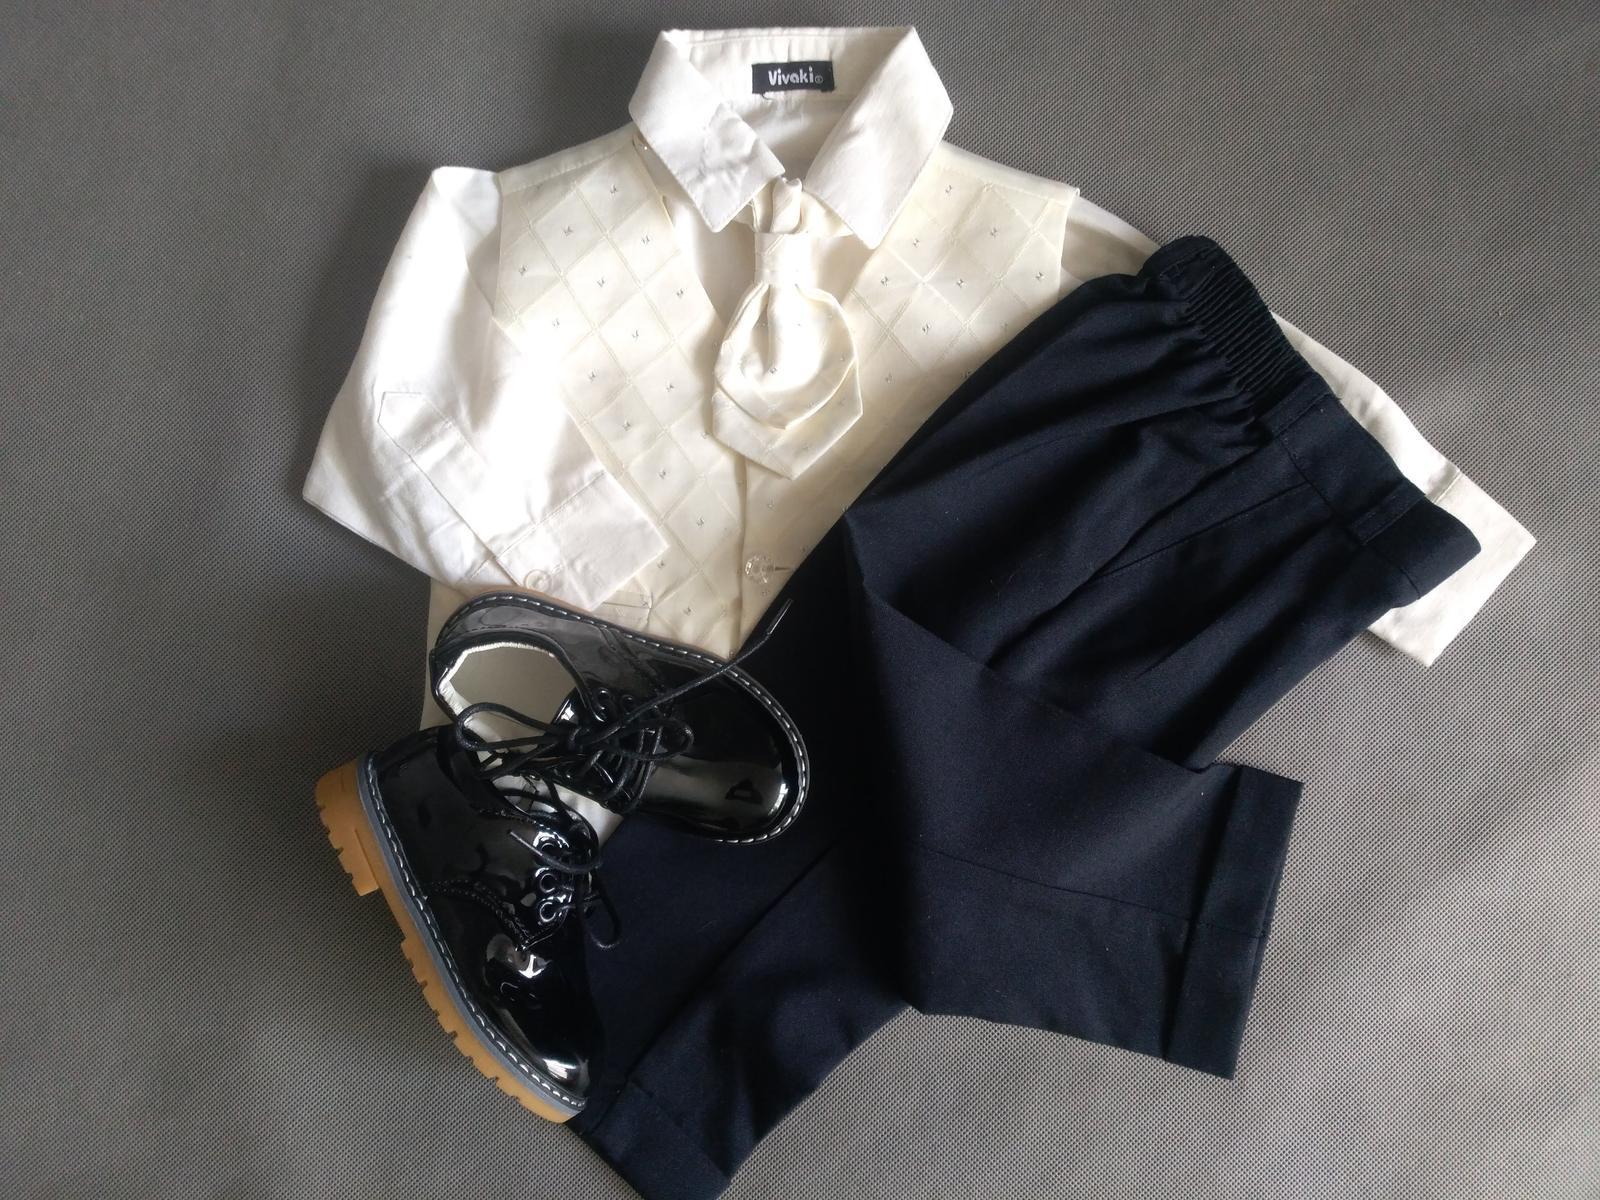 SKLADEM - k zapůjčení ivory oblek 12-18 měsíců - Obrázek č. 3